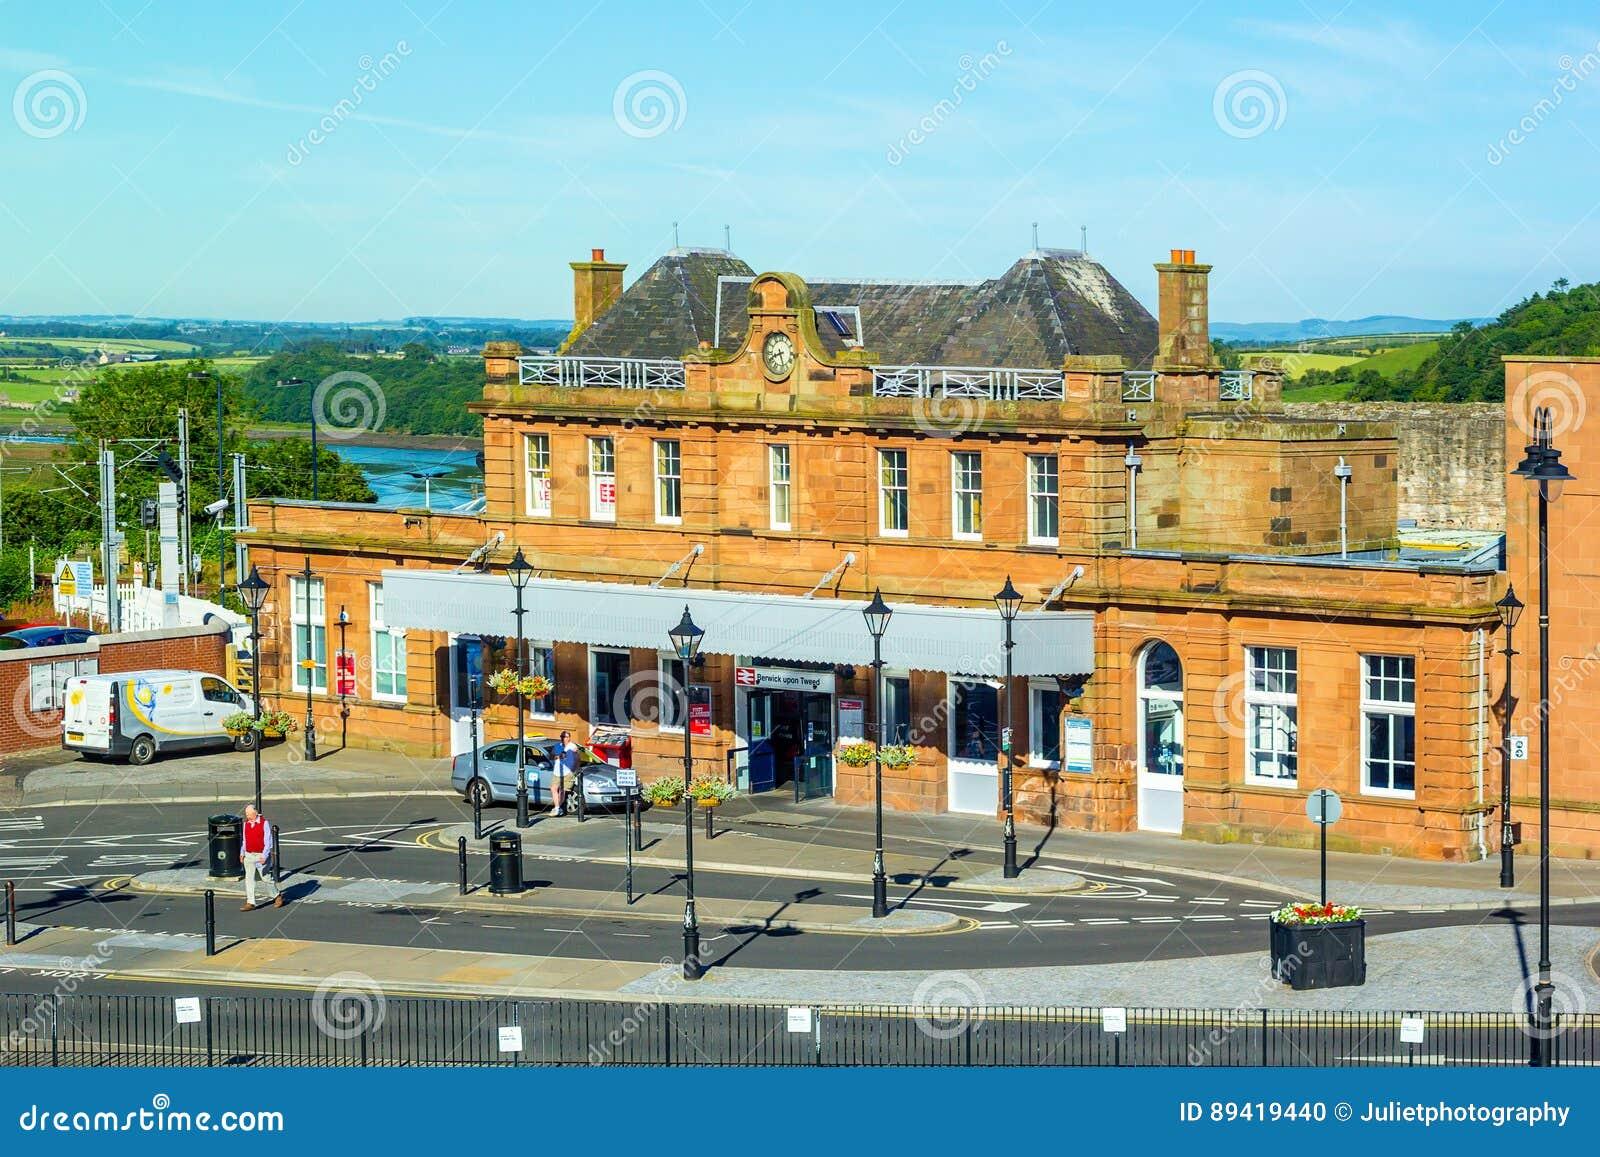 Estação de caminhos-de-ferro velho em Berwick Upon Tweed, Inglaterra